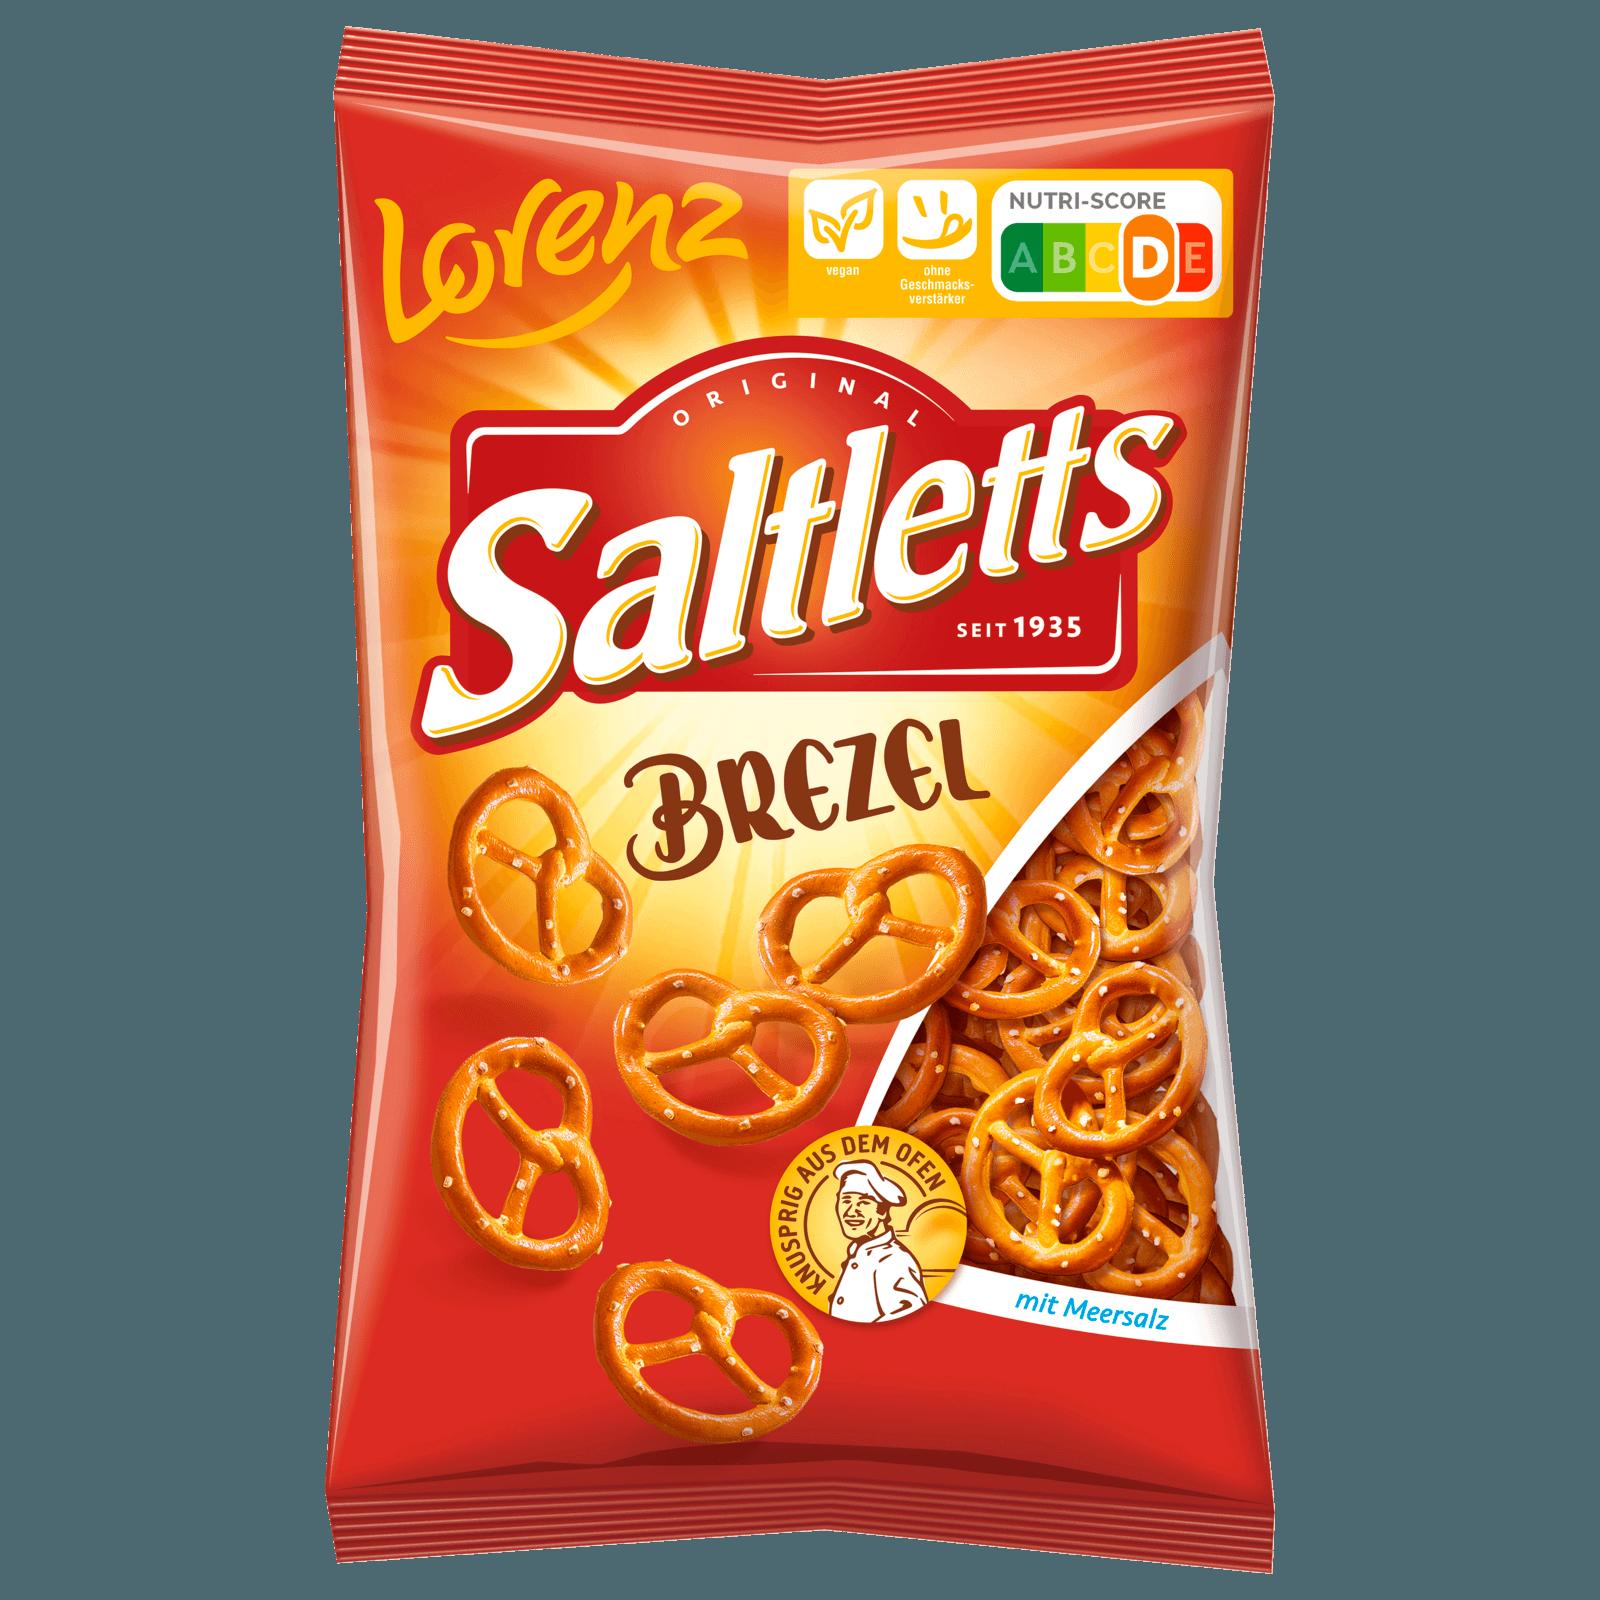 Lorenz Saltletts Brezel 200g